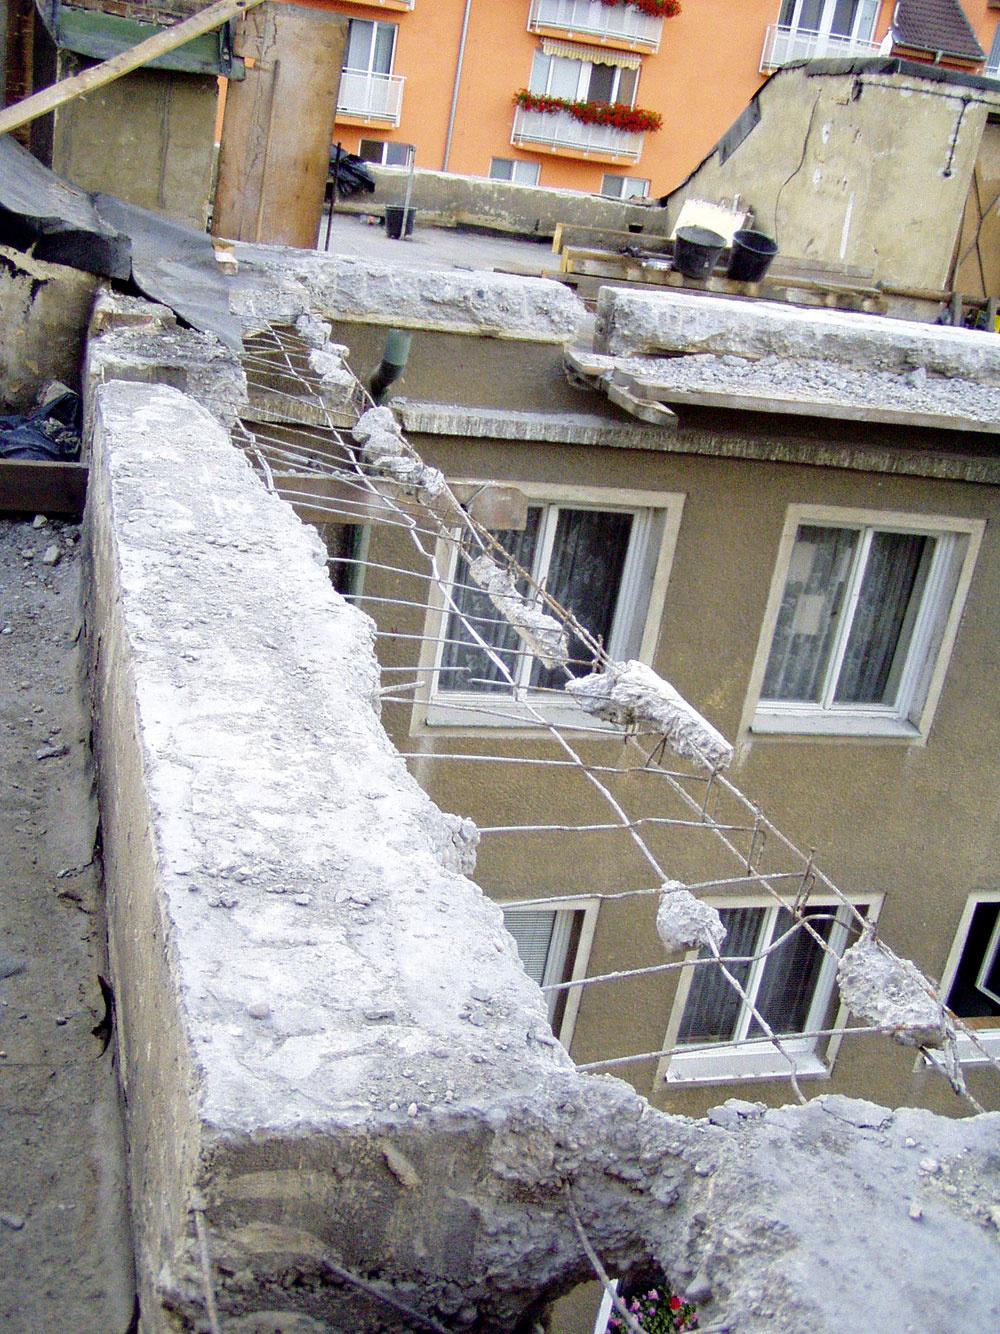 Búračka betónového venca po obvode najvyššieho podlažia bola nevyhnutná pre odľahčenie pôvodného objektu. Najprv ju však musel schváliť statik.